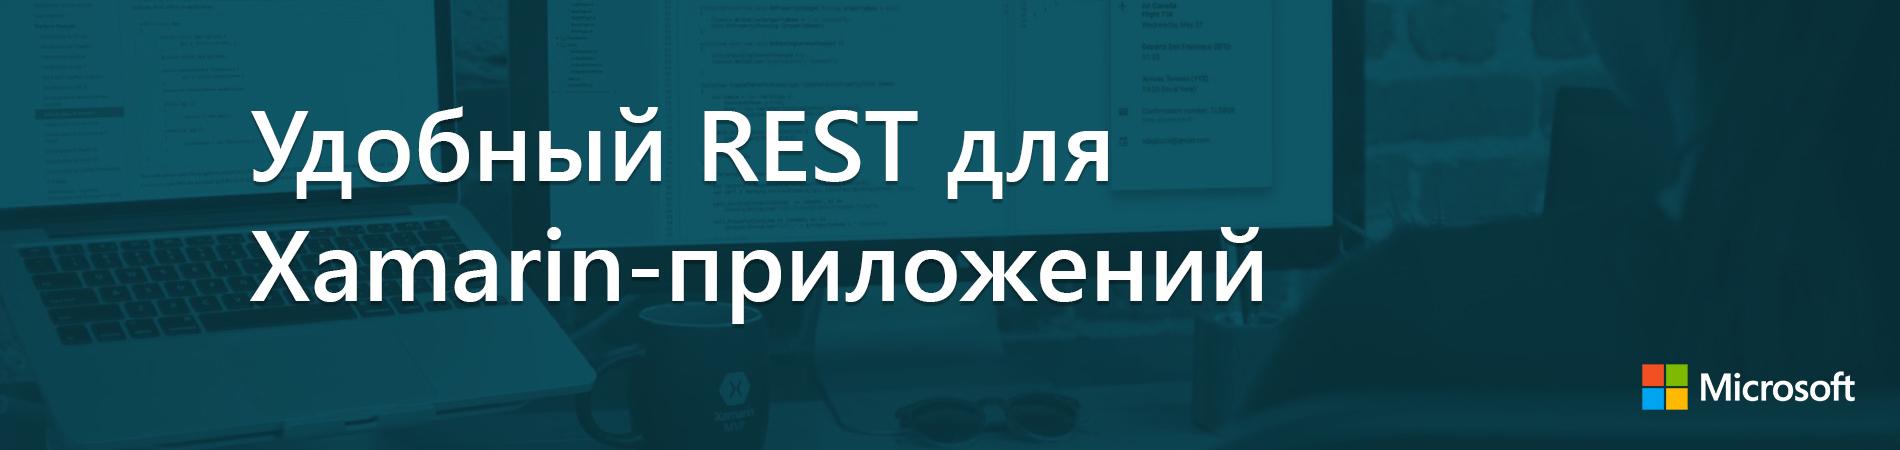 Удобный REST для Xamarin-приложений